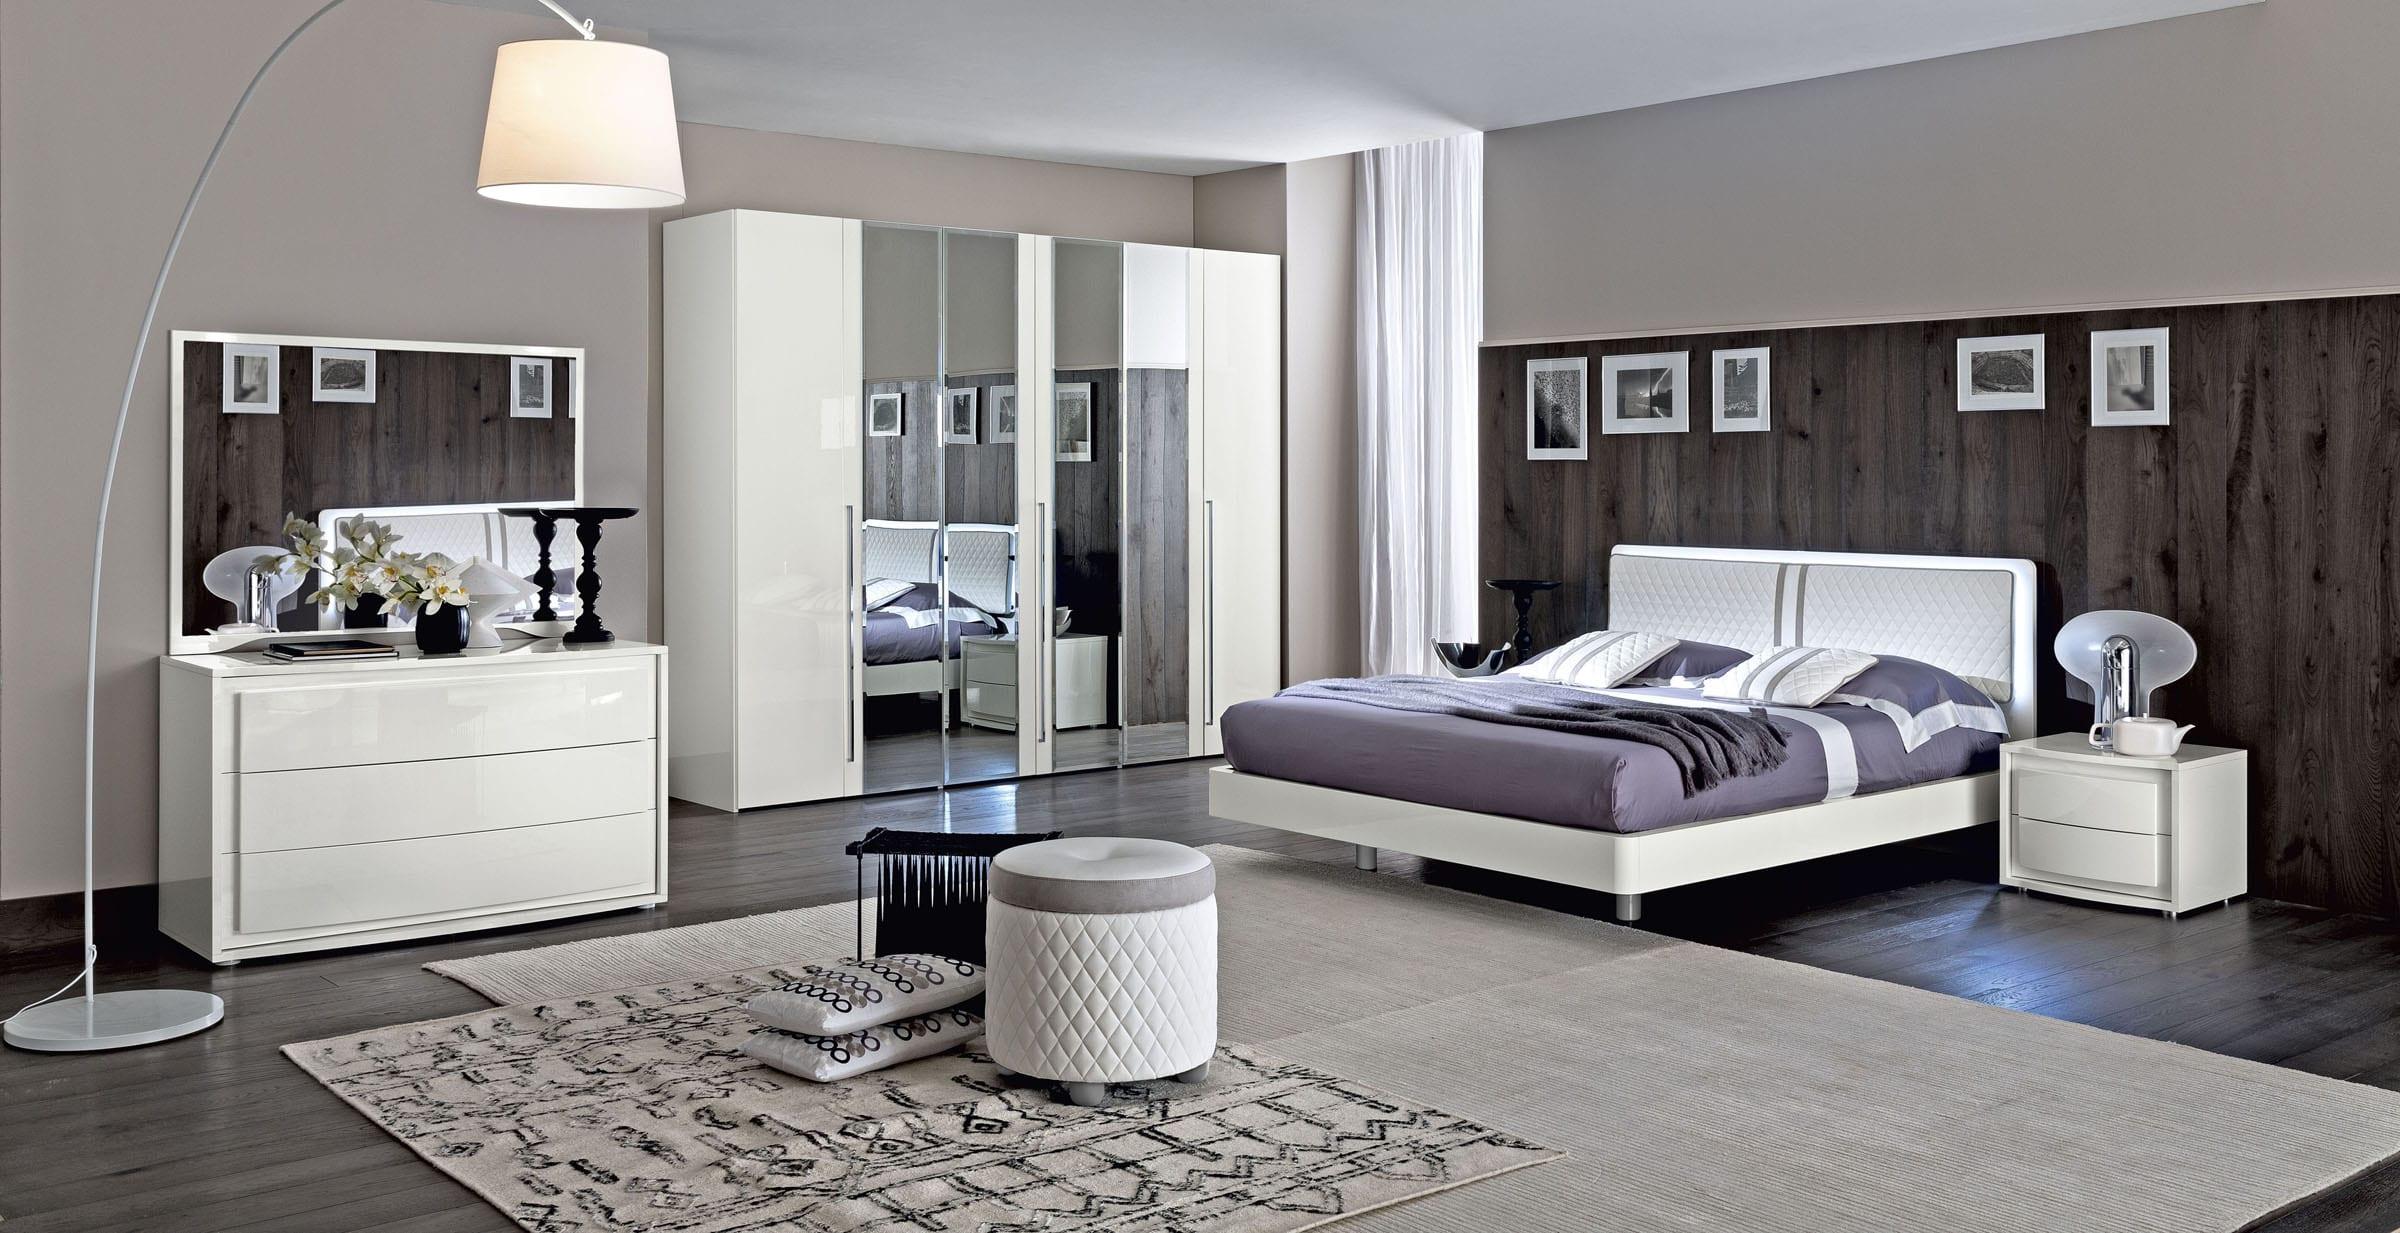 wohnideen schlafzimmer mit holzboden und wandverkleidung holz-luxus bett weiß-sideboard dekorieren-kleiderschrank weiß mit spiegeltüren